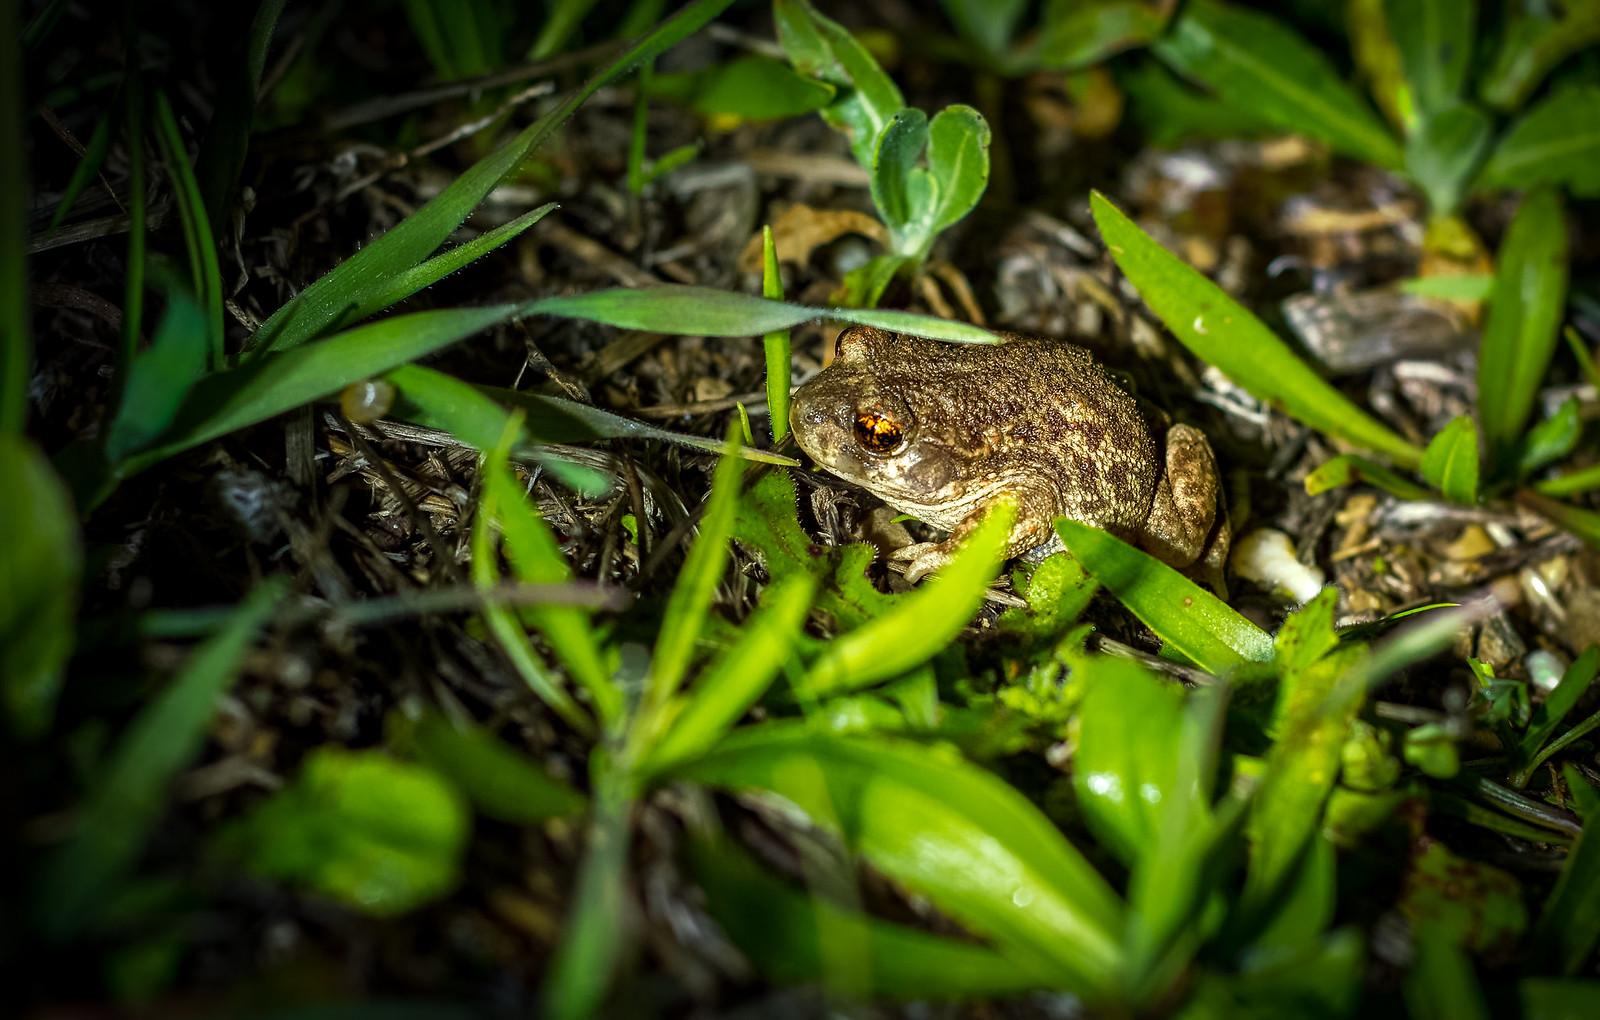 (Young) Iberian Midwife Toad/Sapo Partero Ibérico (Alytes cisternasii)